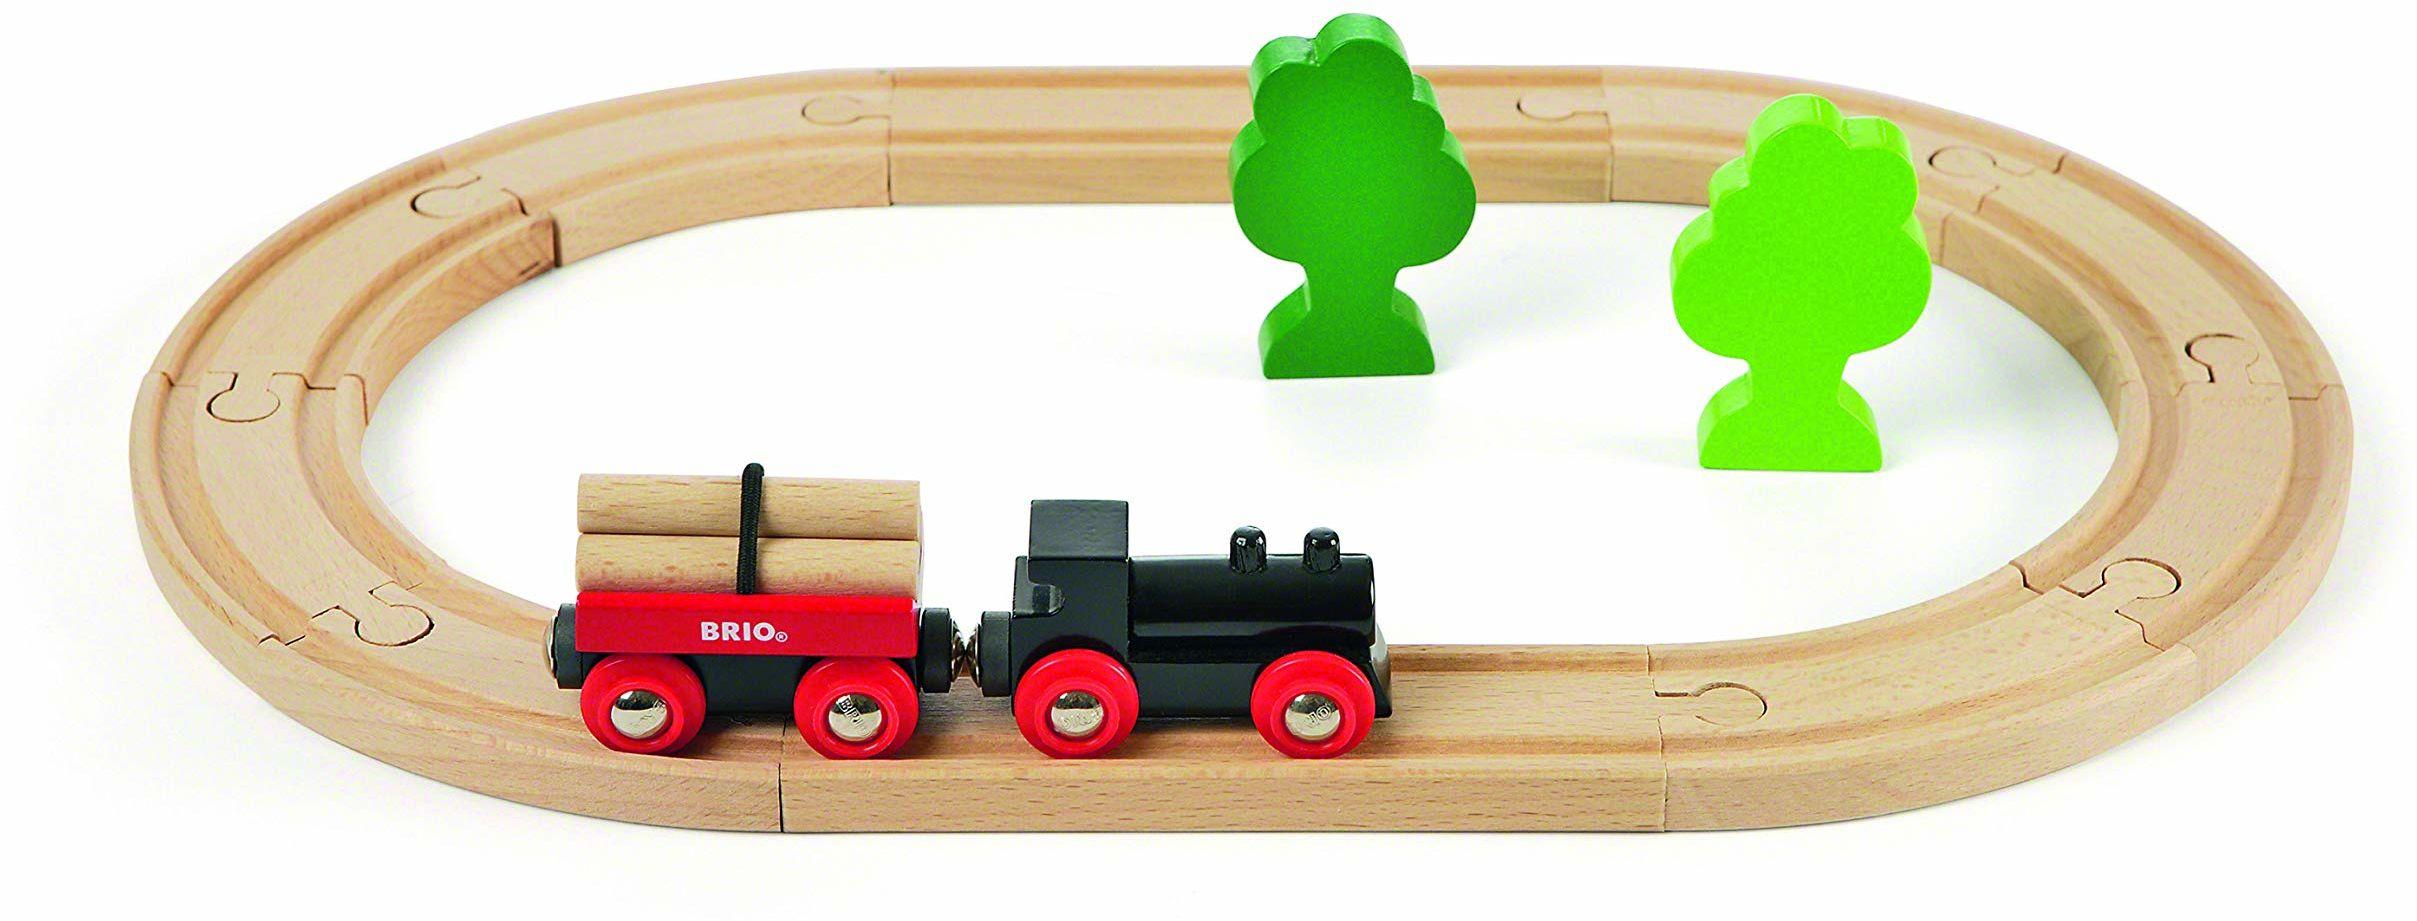 BRIO 63304200 Podstawowa Kolejka Leśna (63304200) Bezpieczna Zabawka Dla Dzieci Powyżej 3 Lat